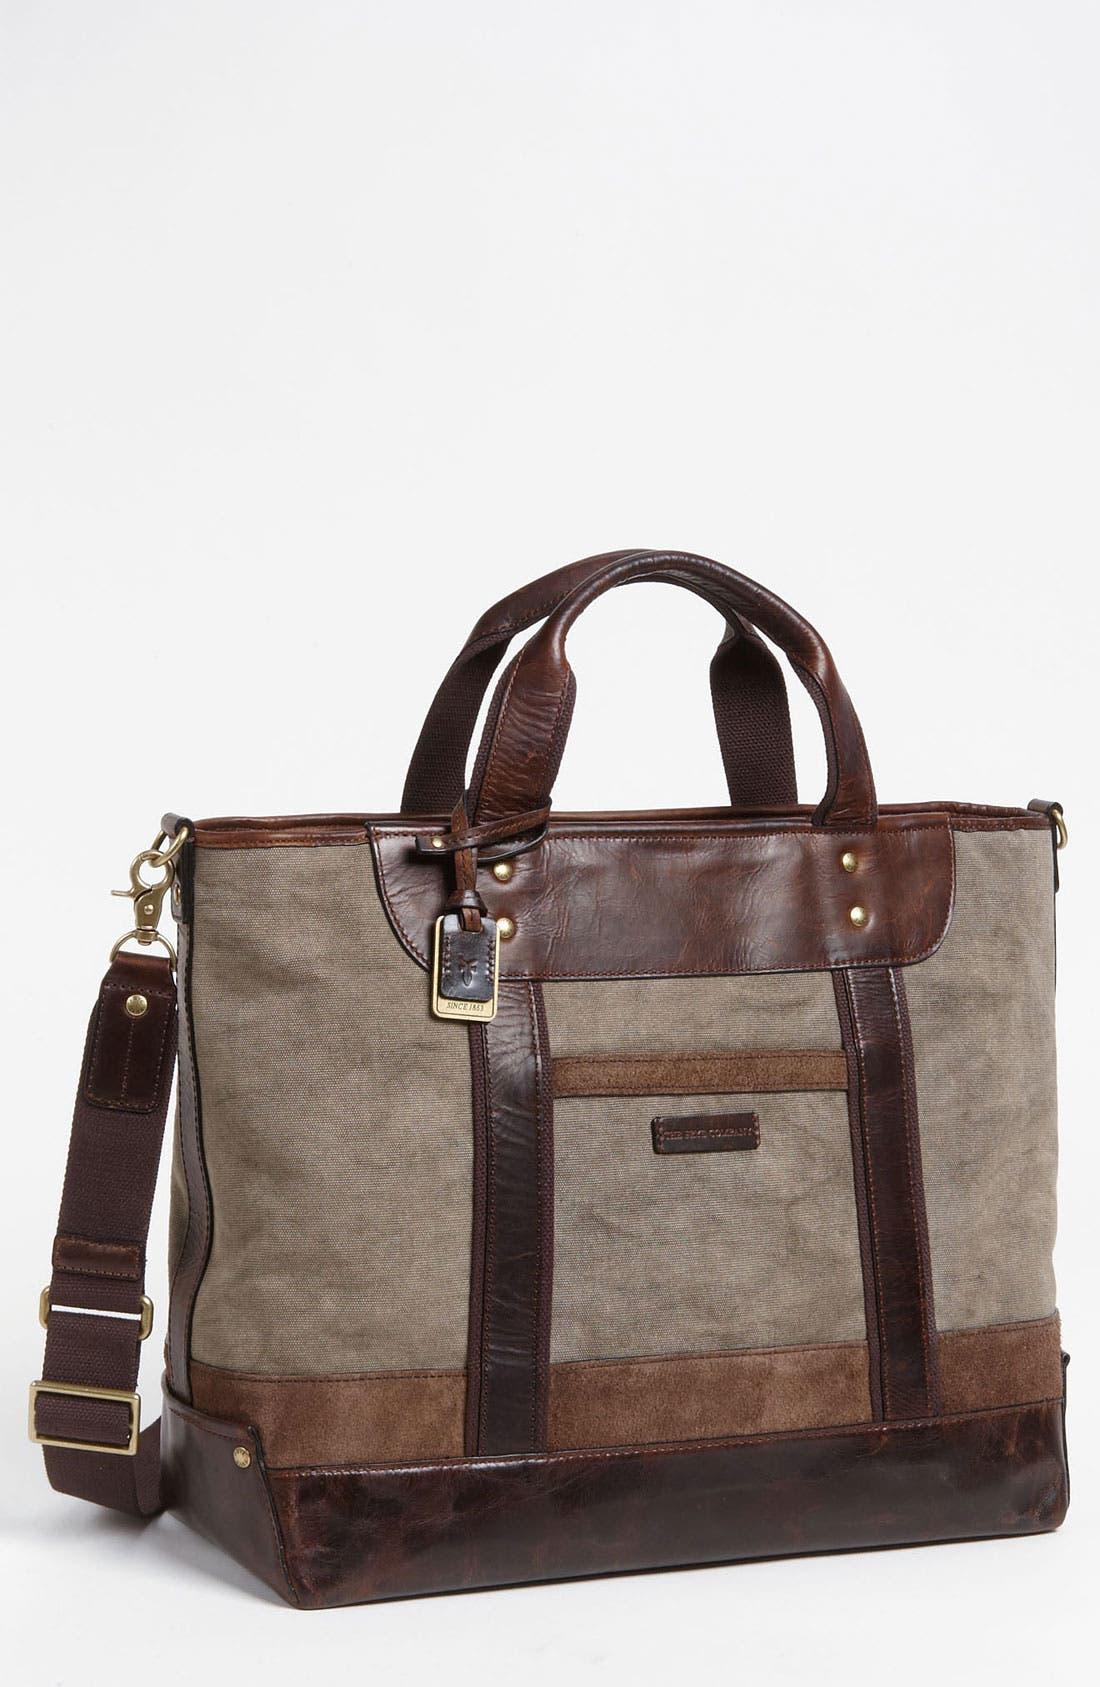 Main Image - Frye 'Harvey' Tote Bag